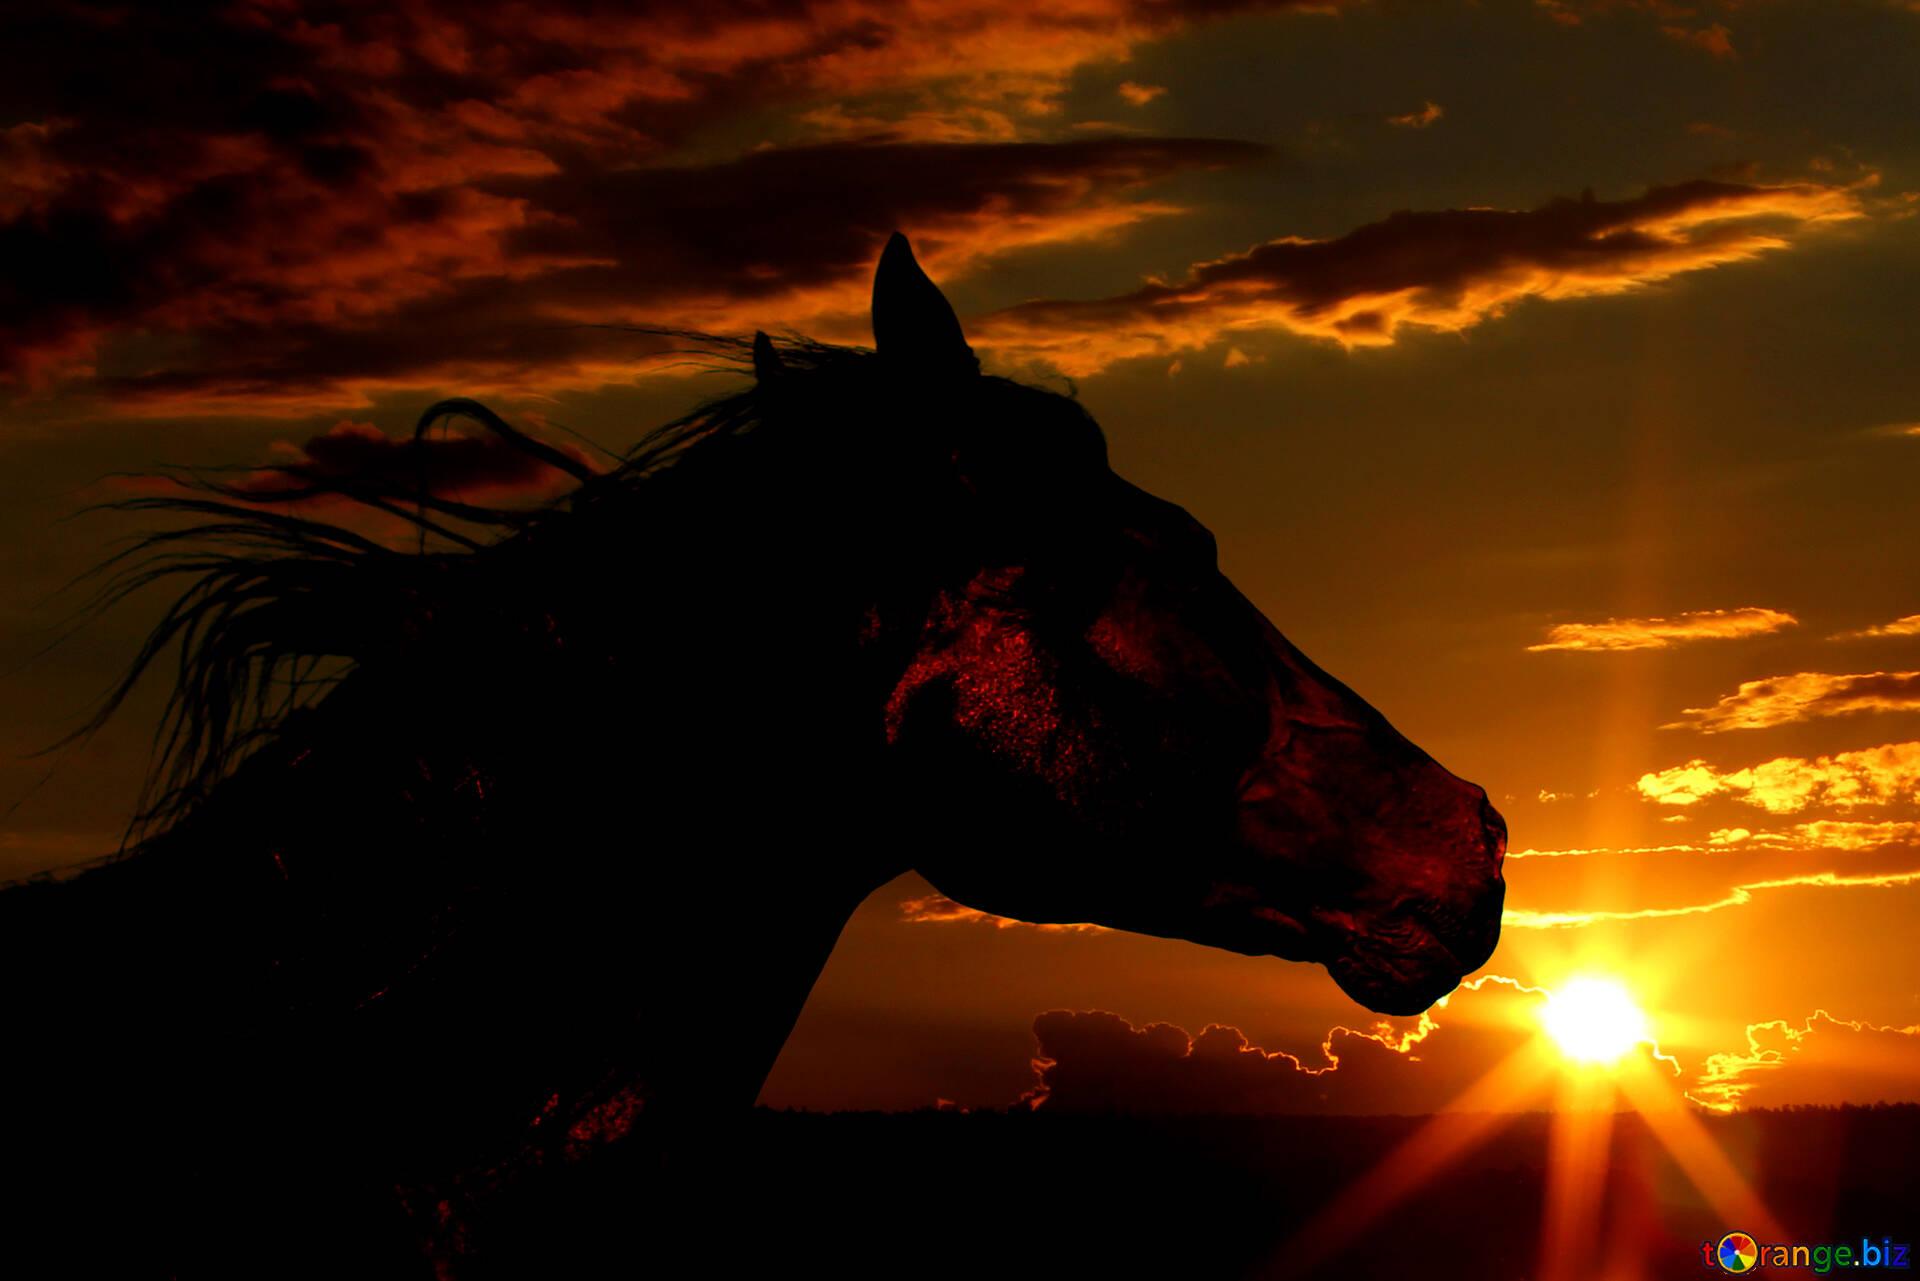 Sunset Desktop Wallpaper Horse Silhouette On Sunset Sunset 49237